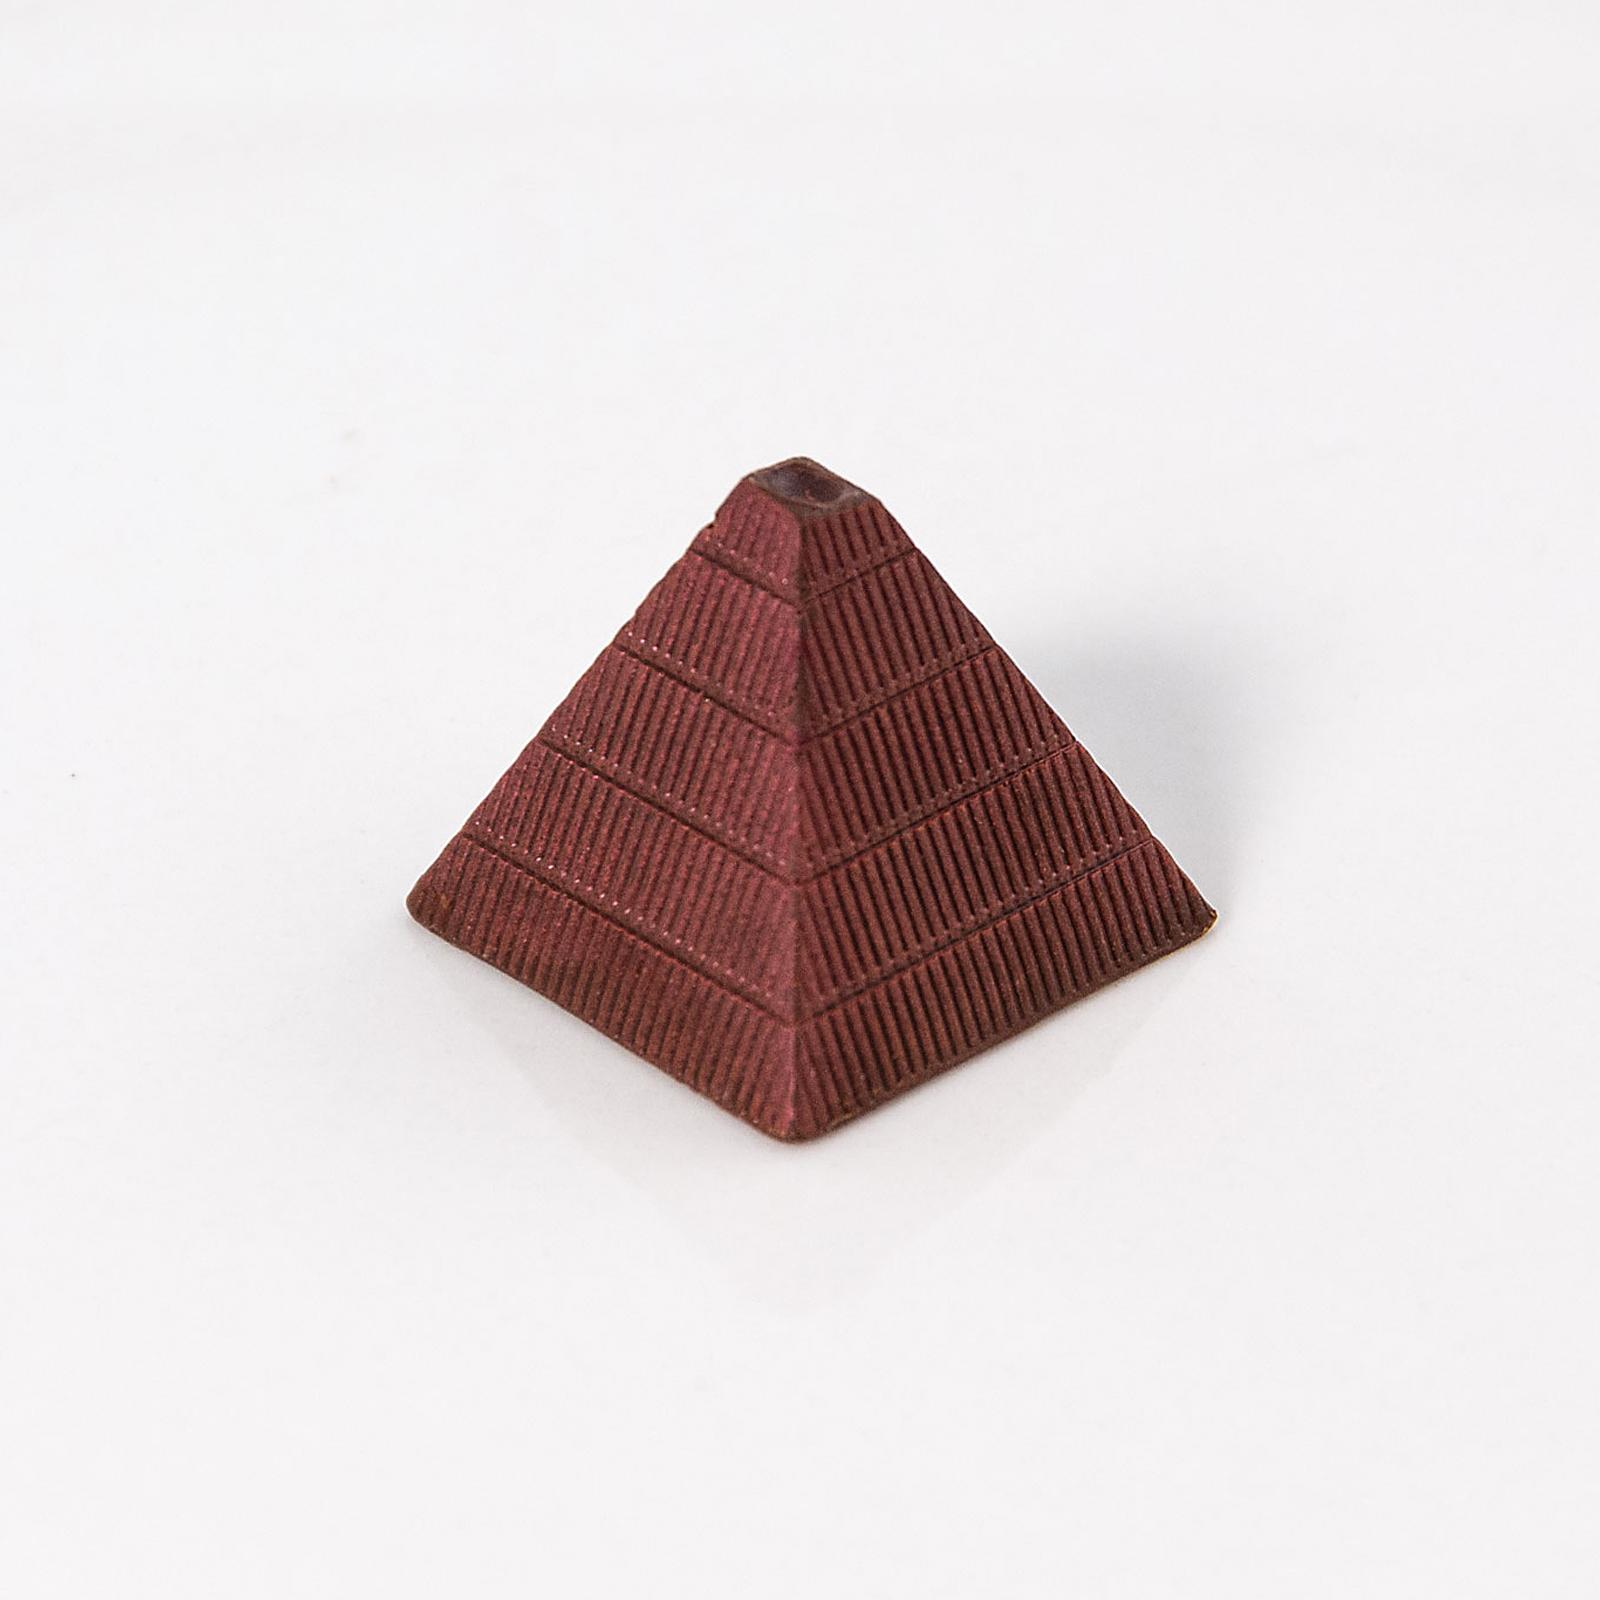 Bombón en forma de Pirámide Relleno de Kahlúa y Chocolate de Leche